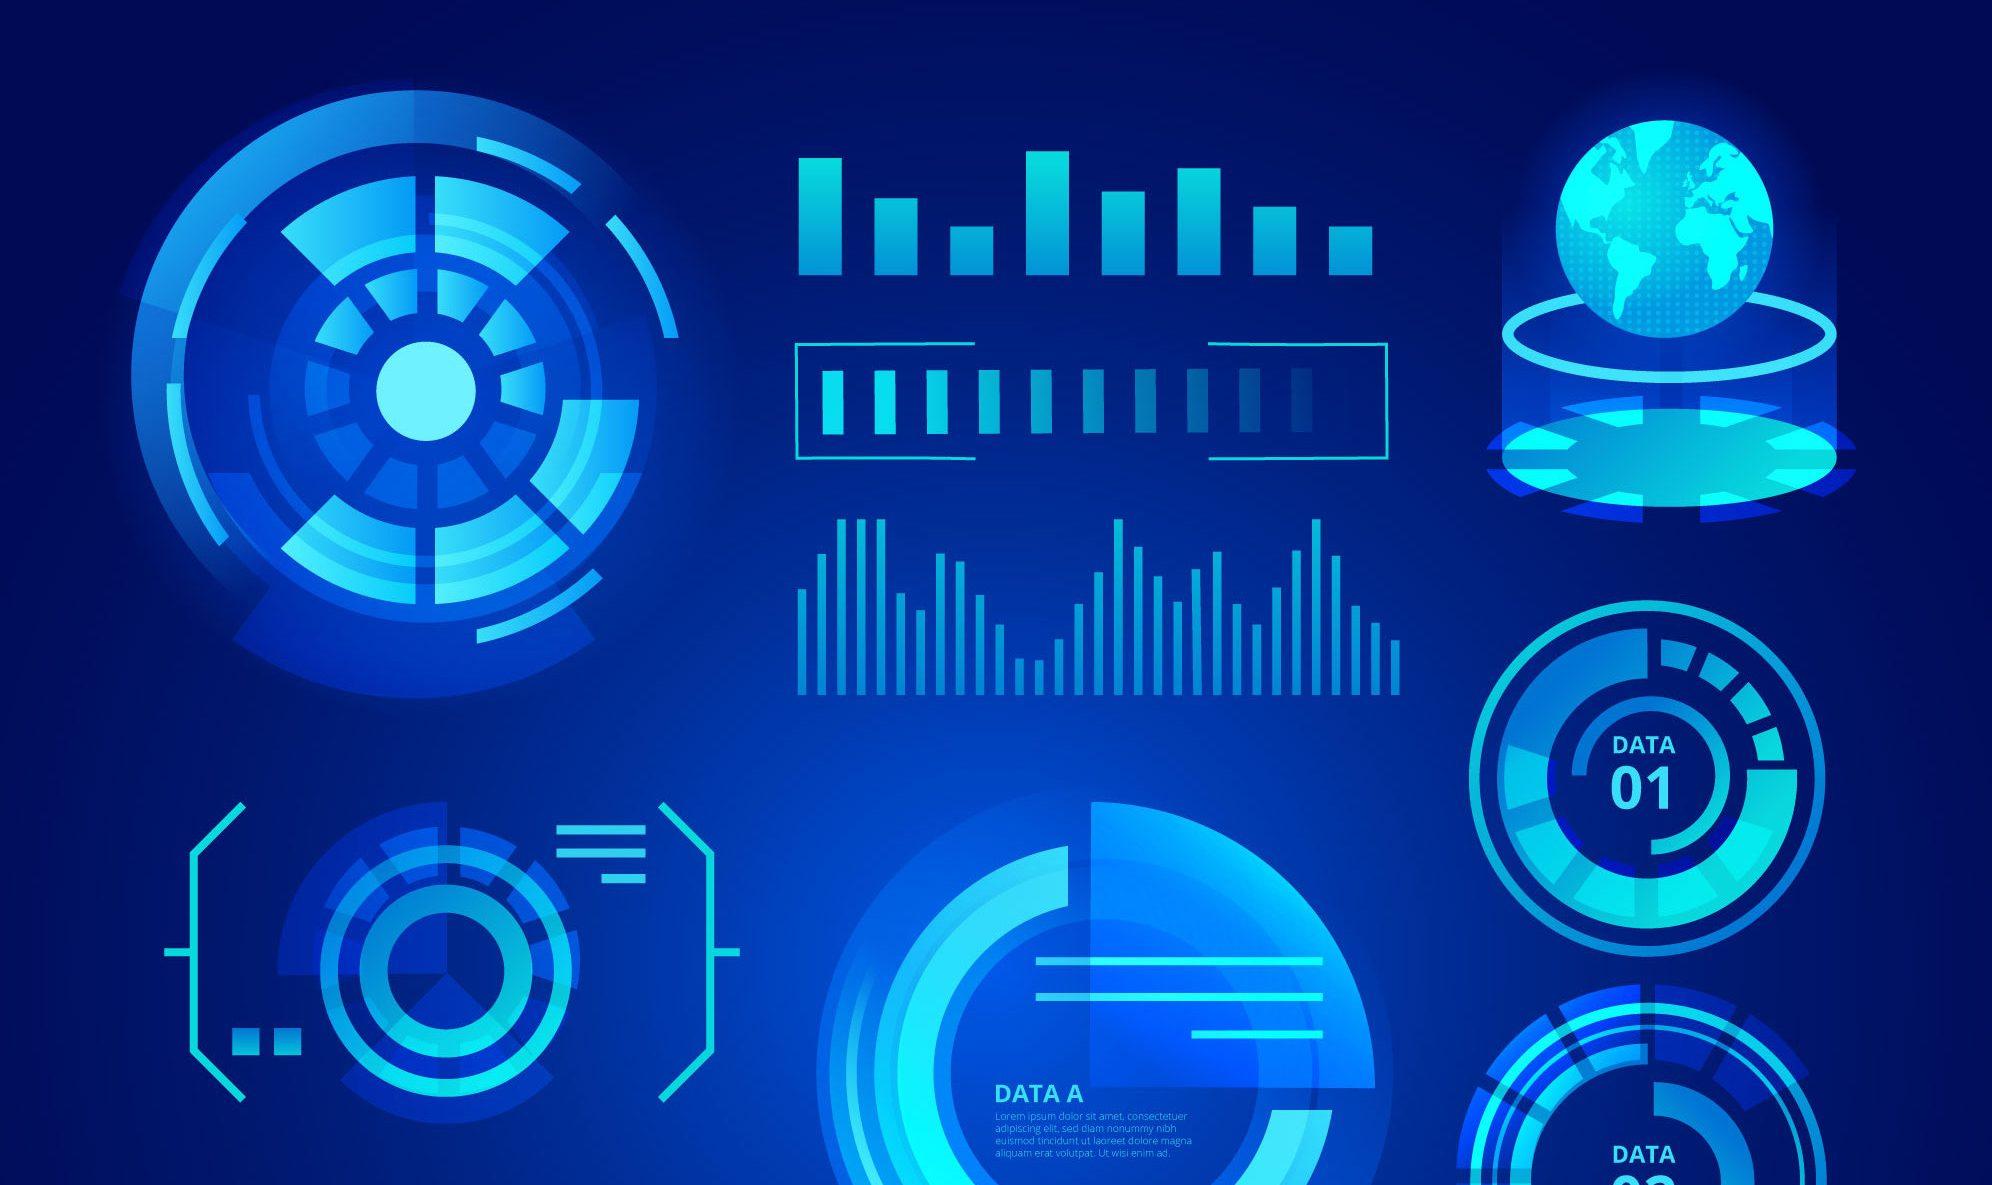 asx technology shares